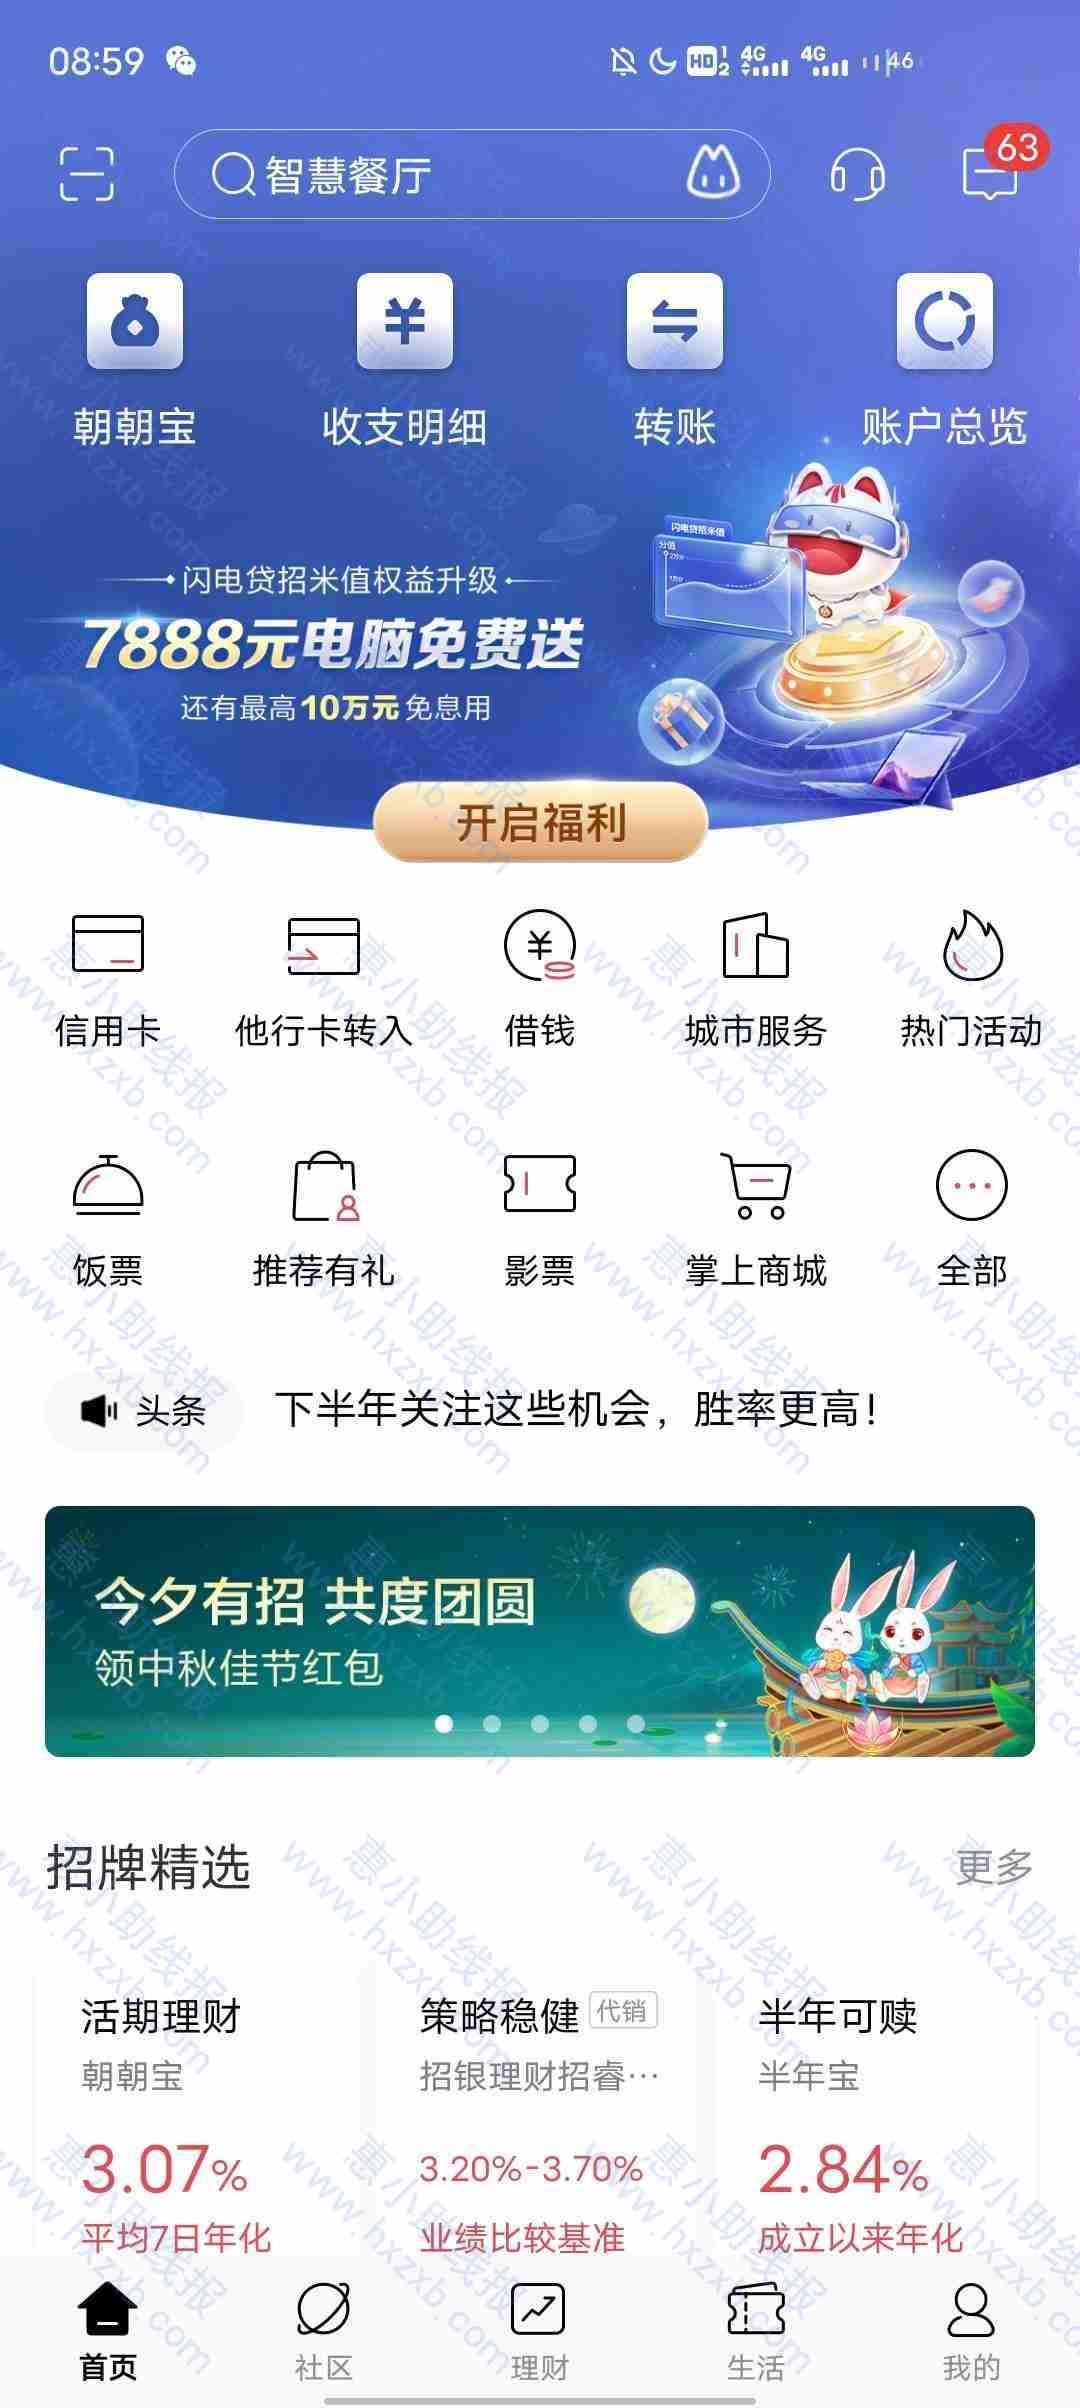 招商银行app中秋活动